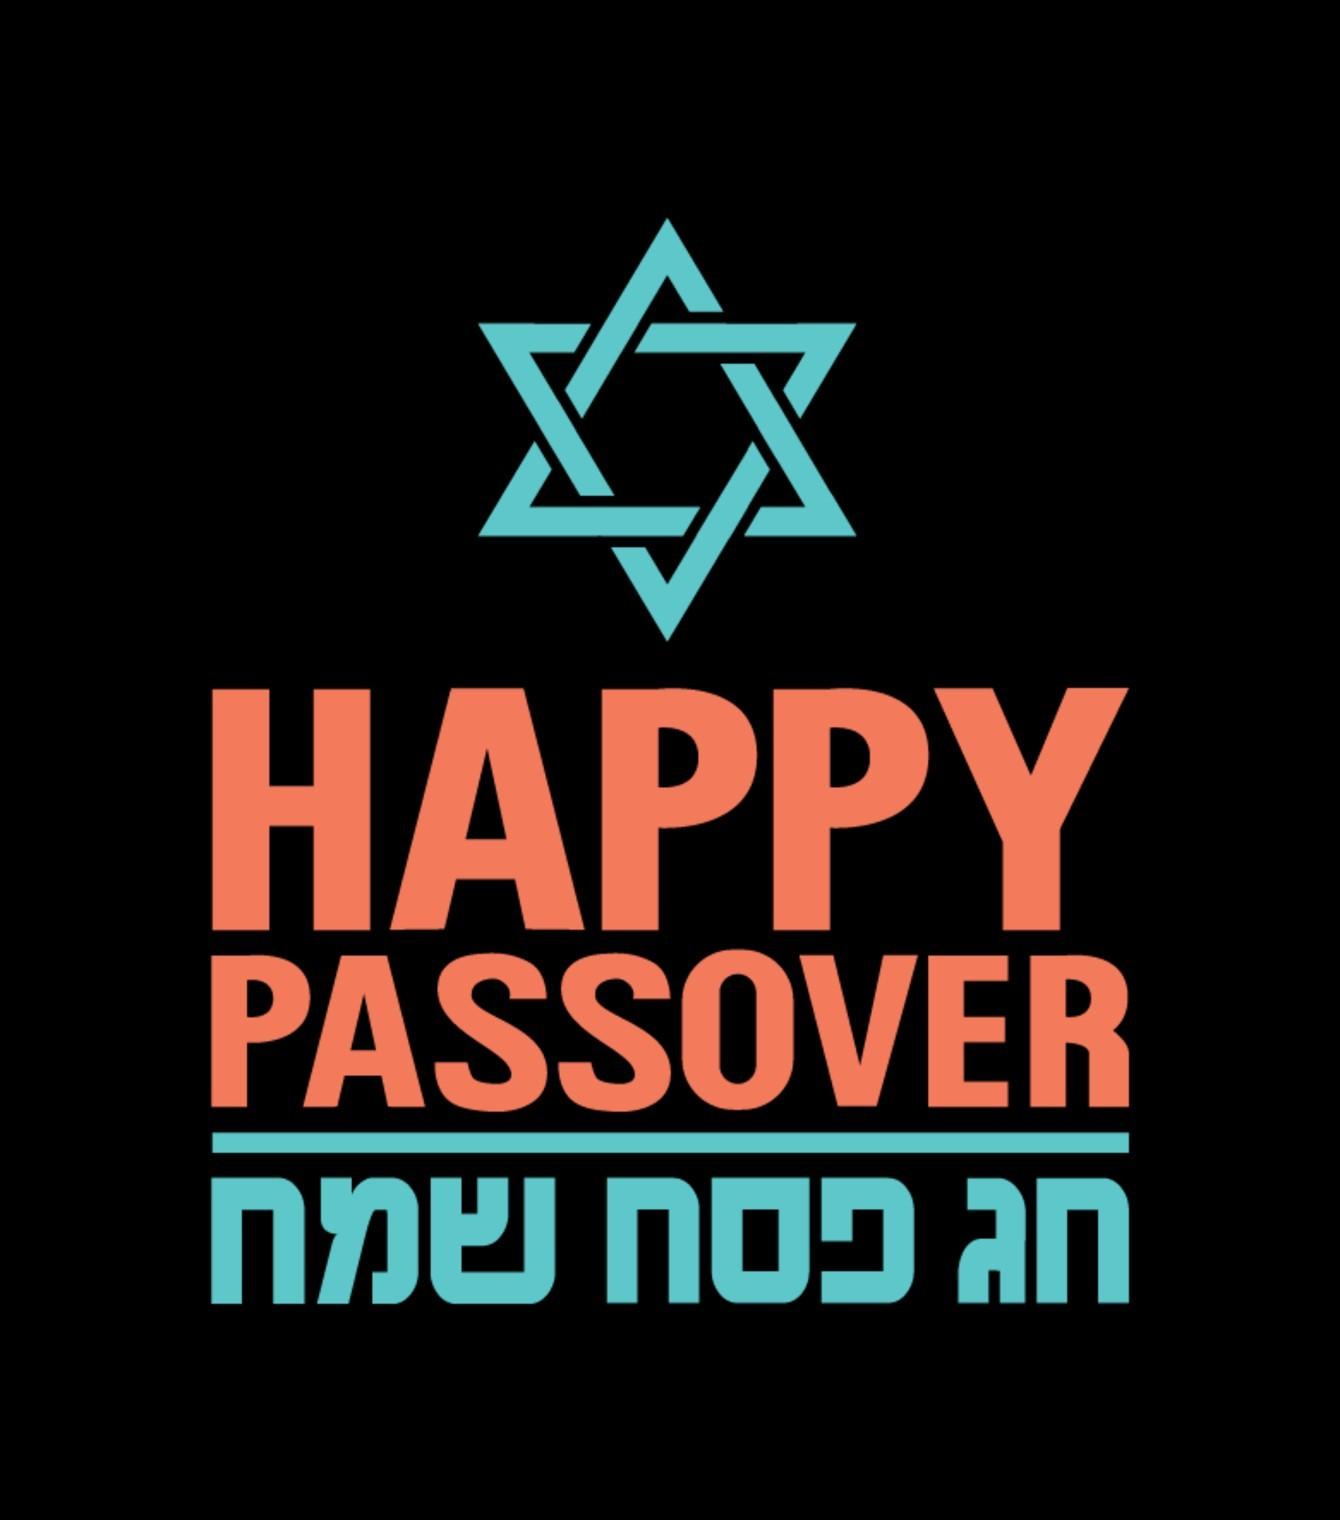 happy passover - photo #40